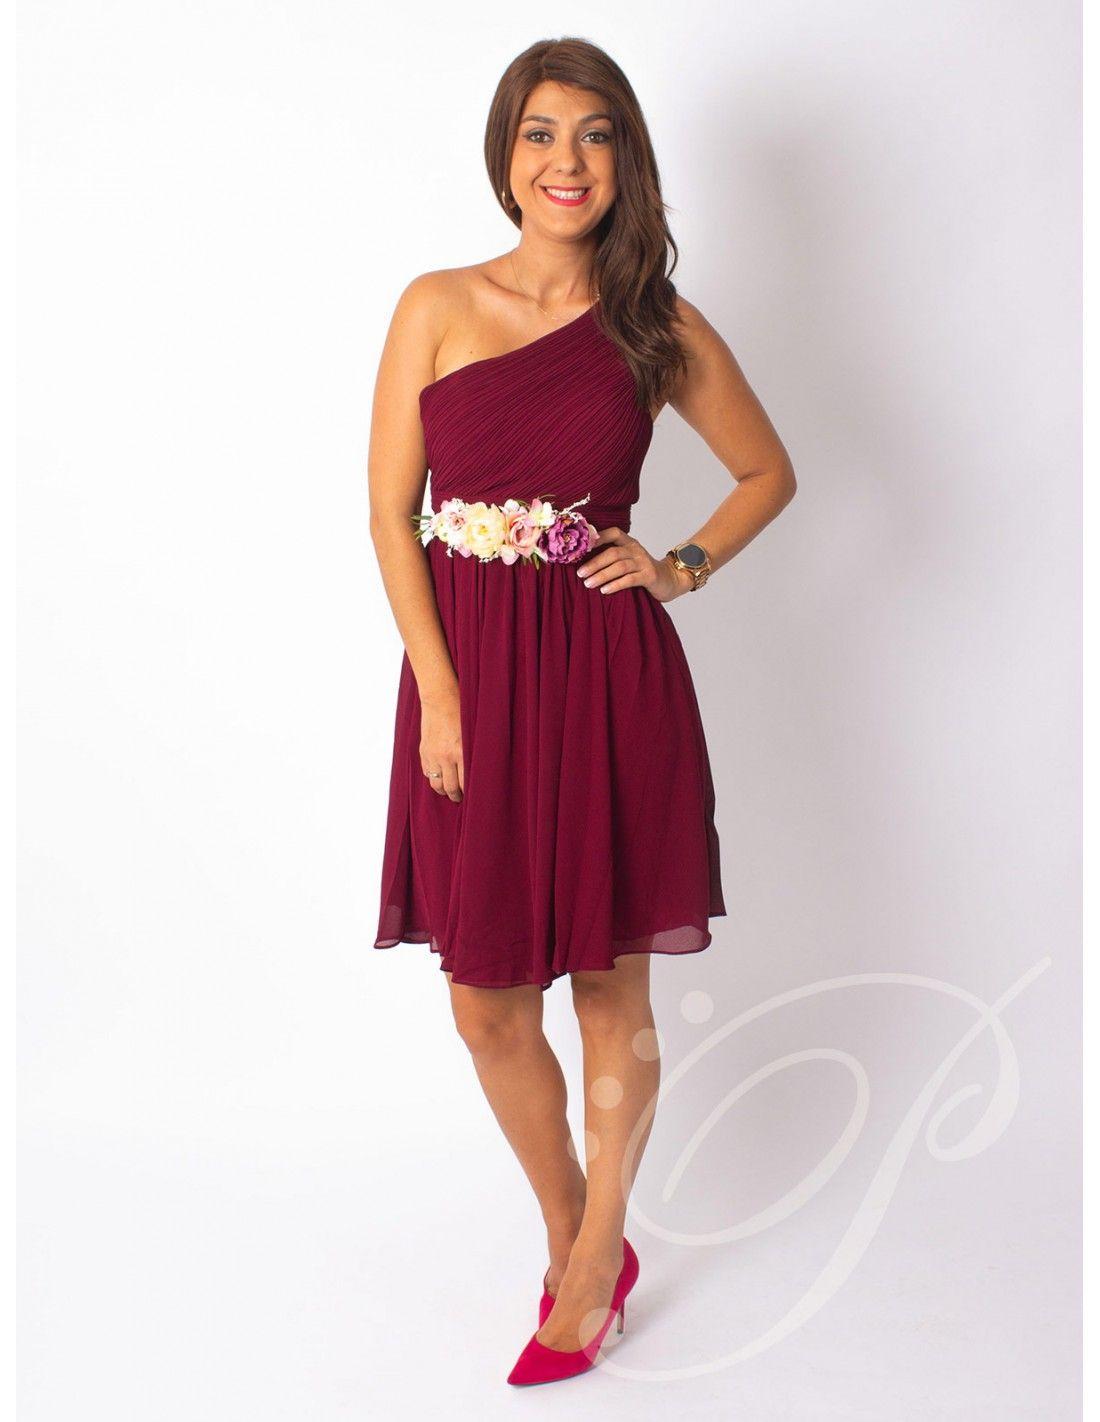 d2c17fd643 Vestido layla corto - Precioso vestido corto en color burgundy. Lleva escote  asimétrico con cazuelas